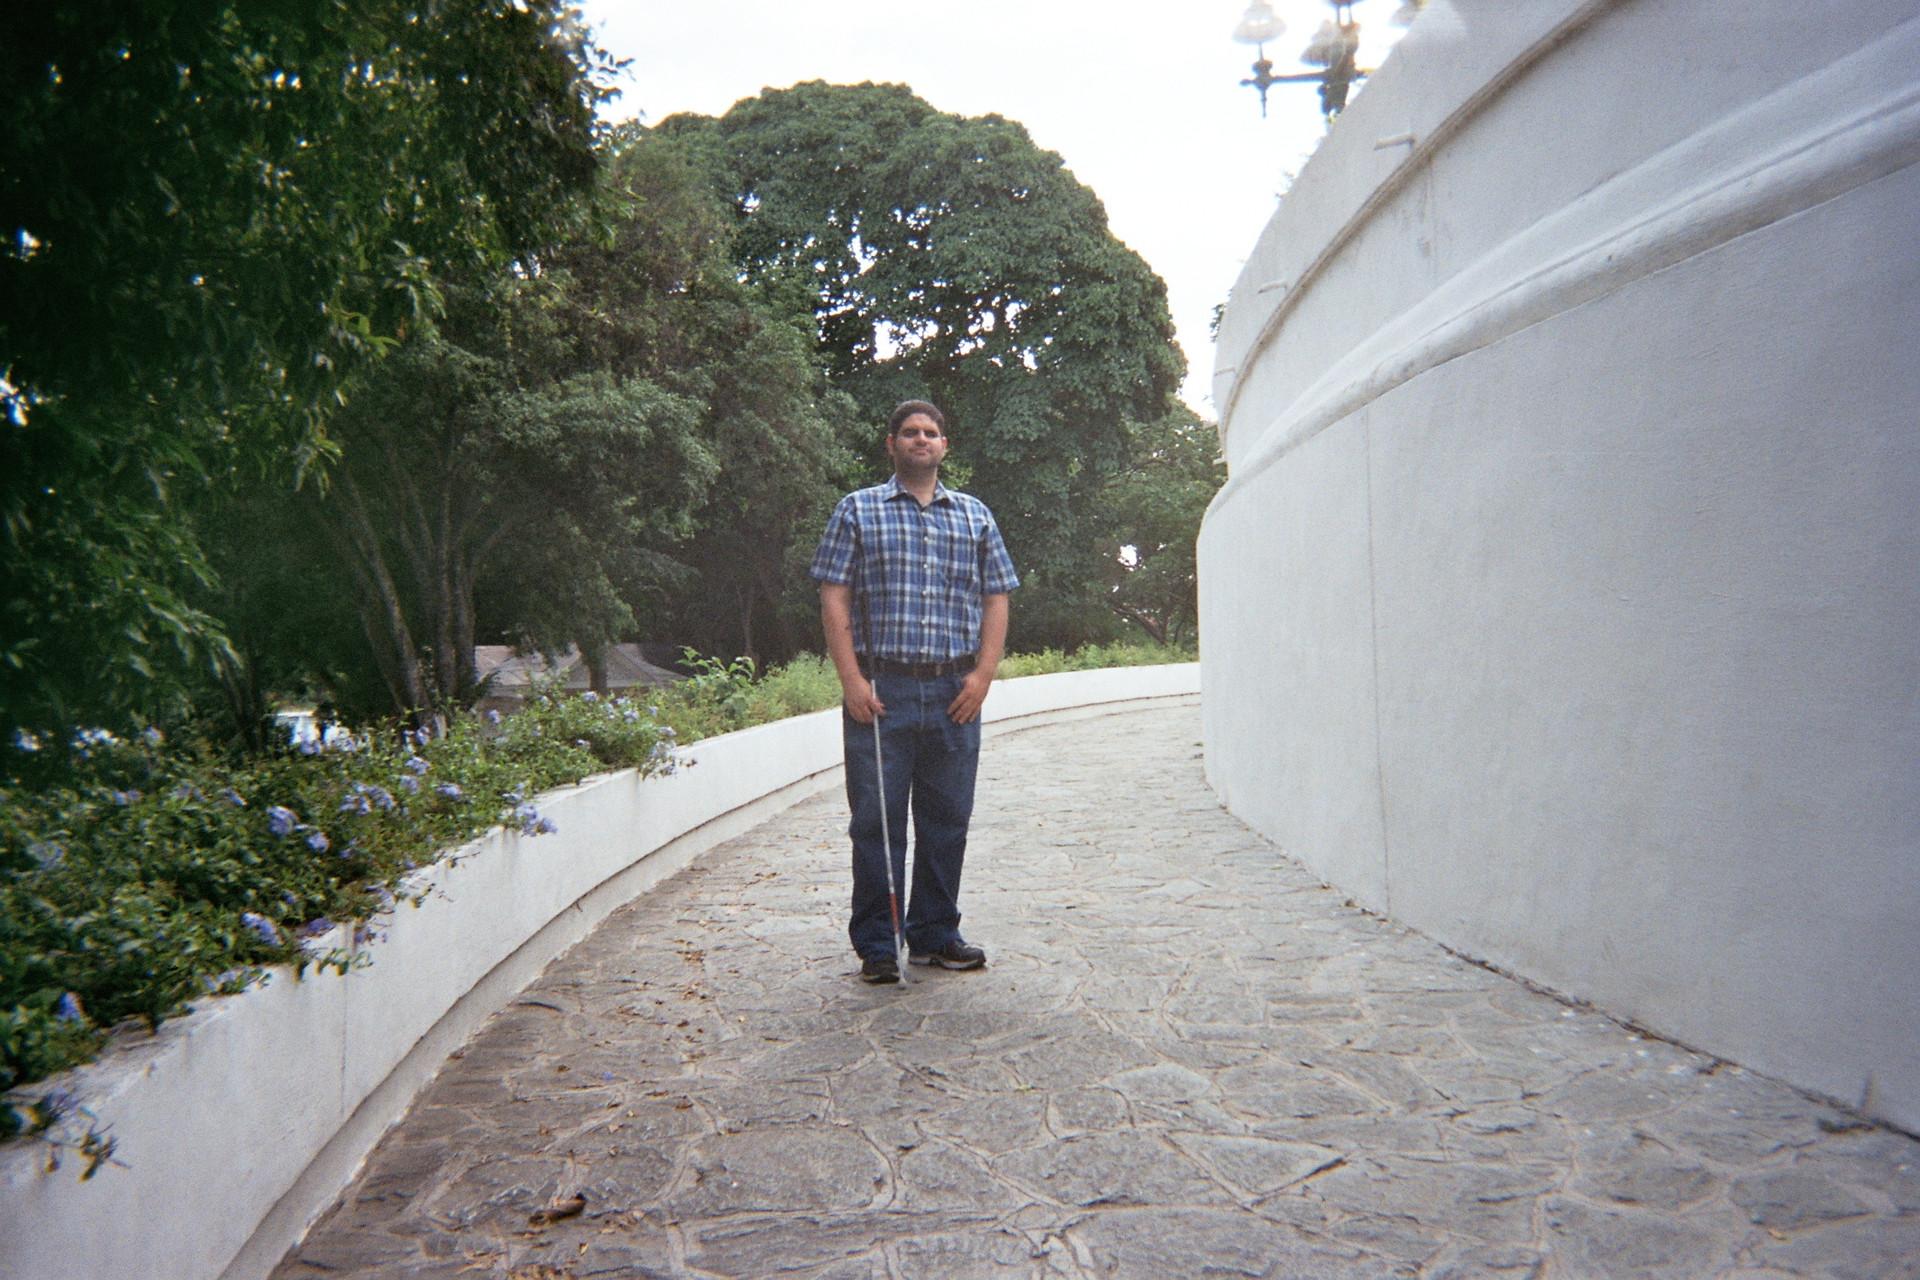 Diego Frontado